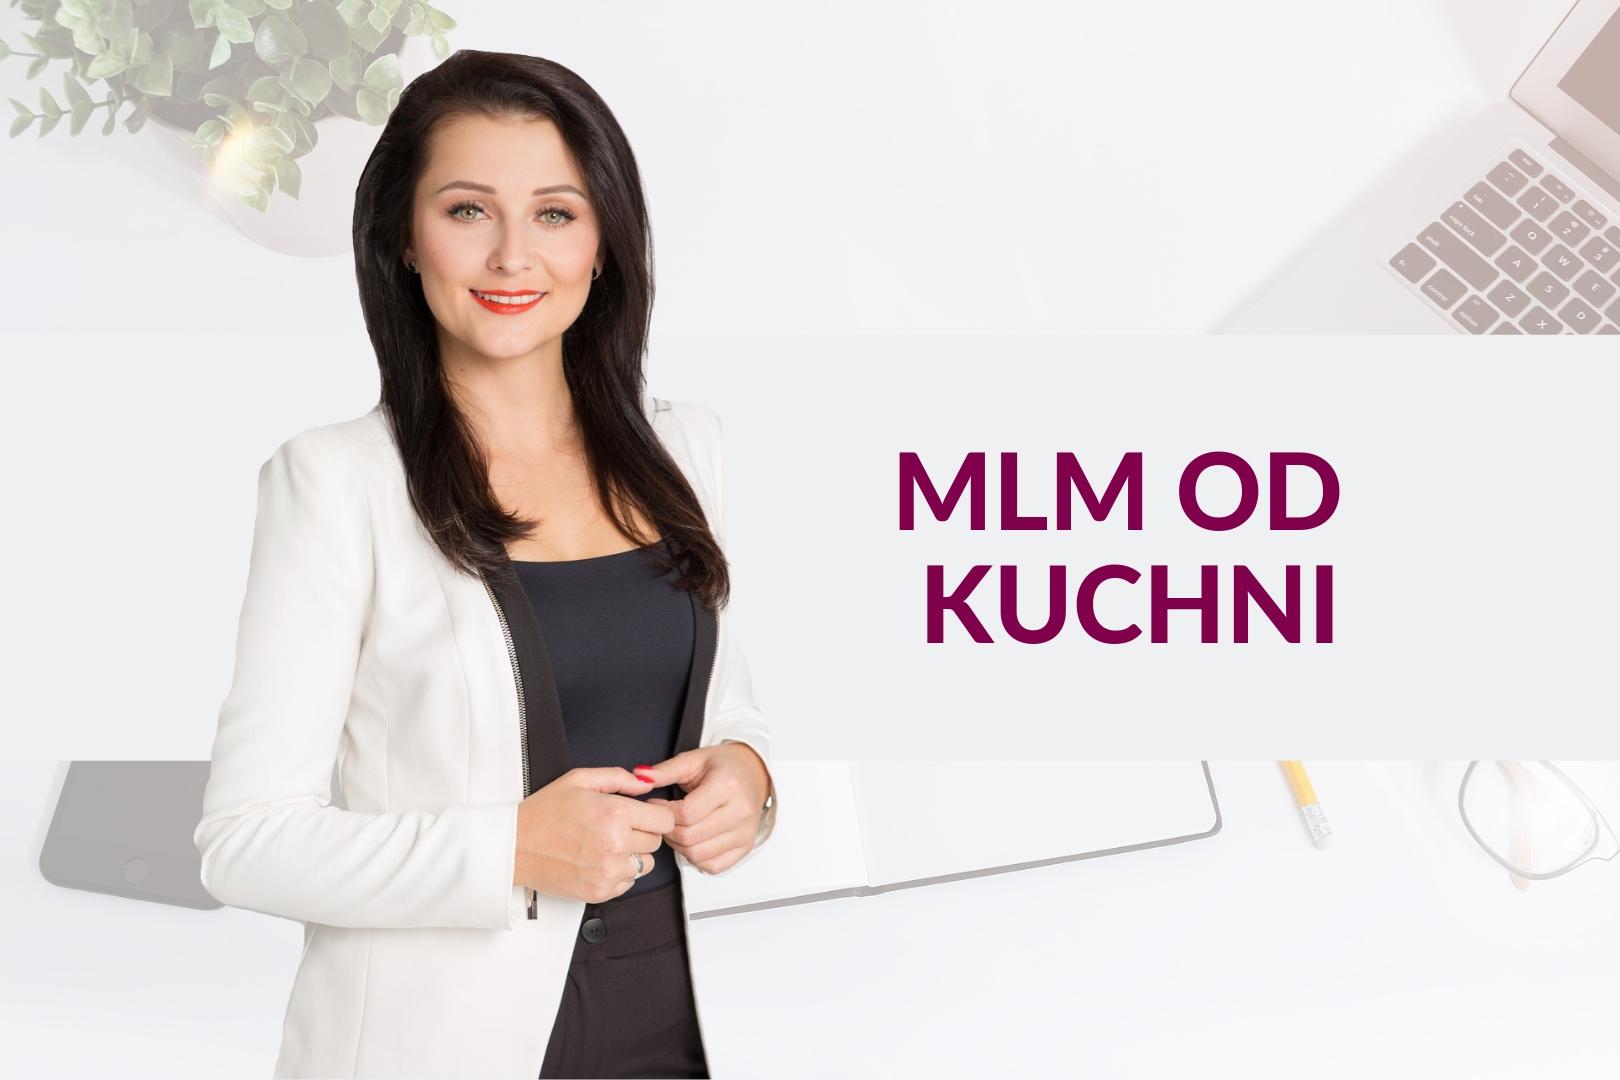 mlm-od-kuchni-kurs-mini